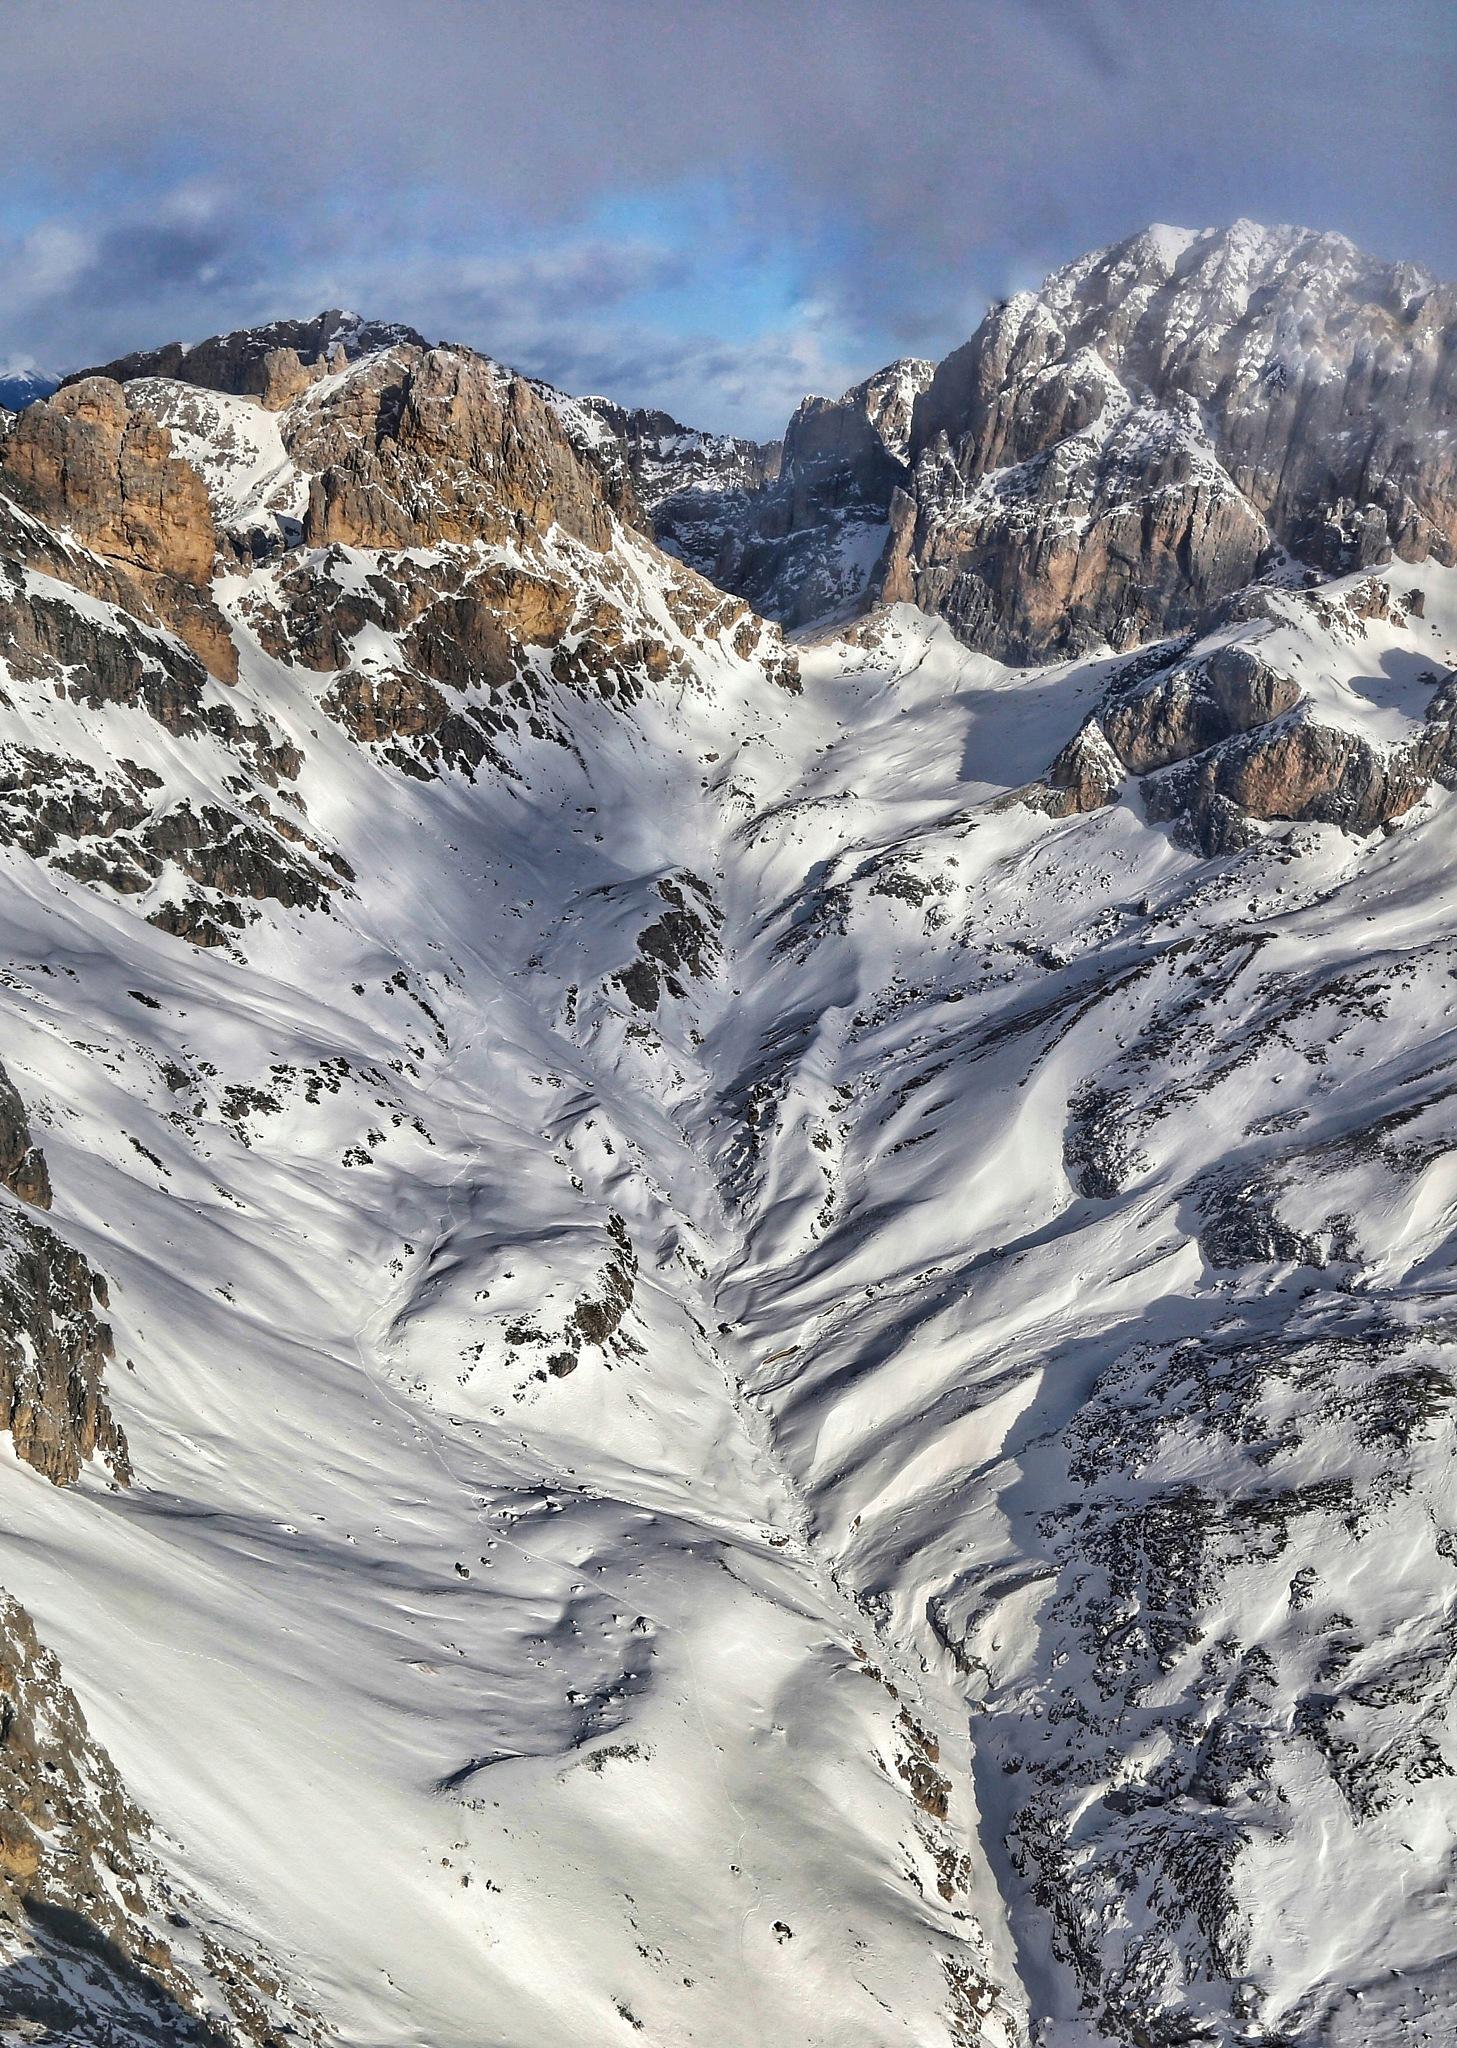 Rosengarten group Dolomites Italy by Cristian Stablum